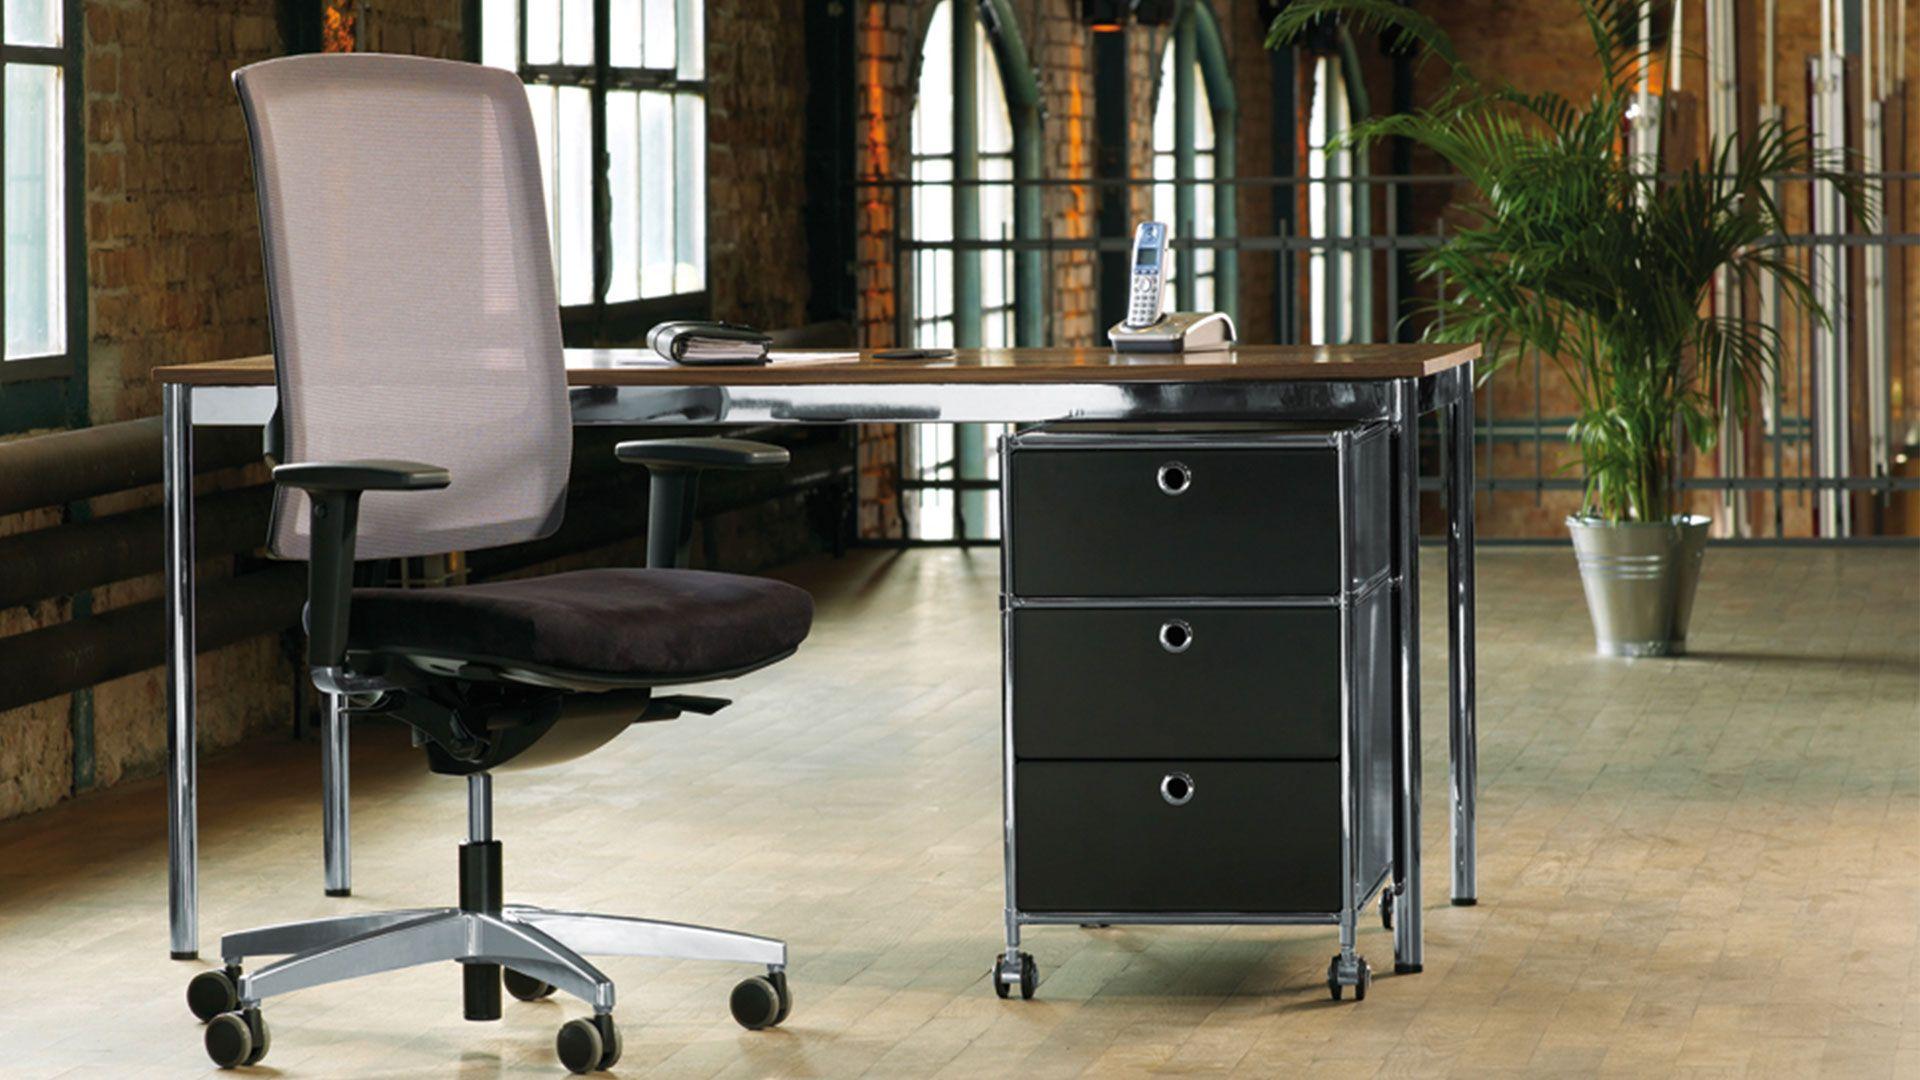 Chefschreibtisch Tisch Chefarbeitsplatz Design-Schreibtisch mit Holz-Tischplatte Formschoene Tischbeine Schreibtischbeine mit Chromgestell